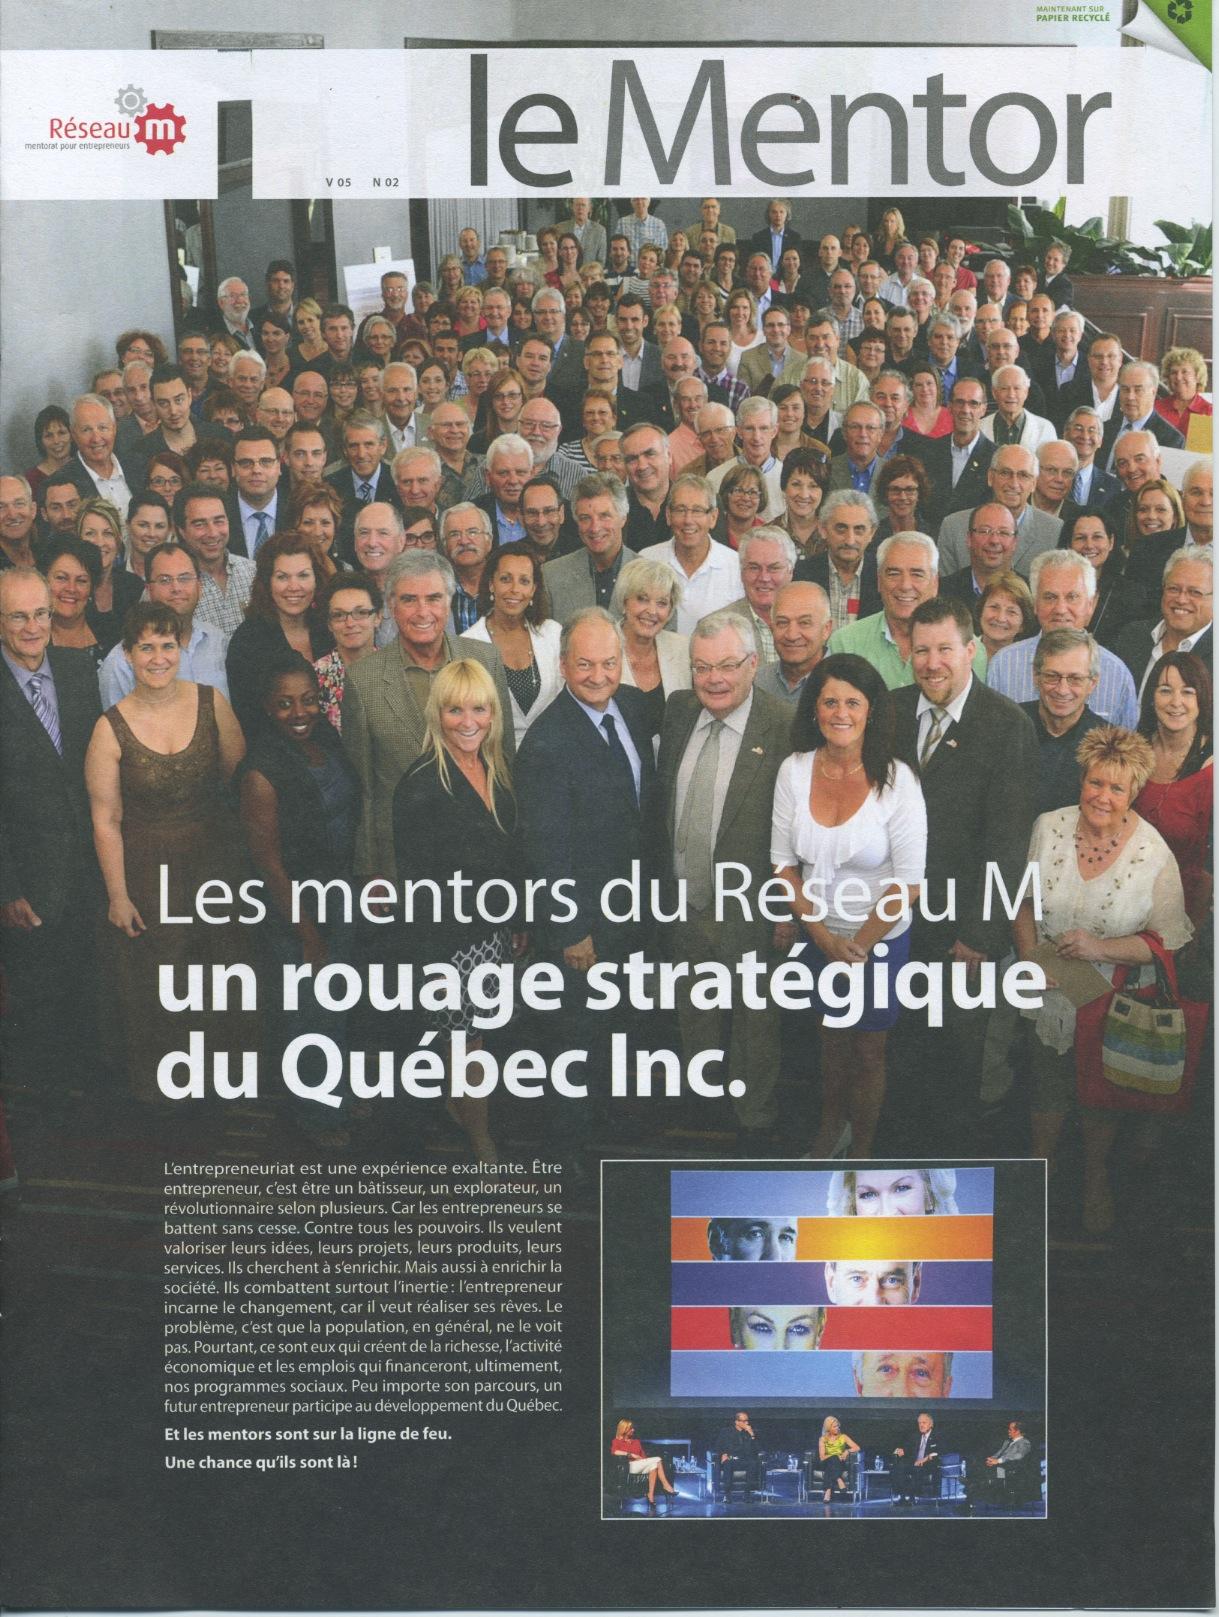 Un rouage stratégique du Québec inc.